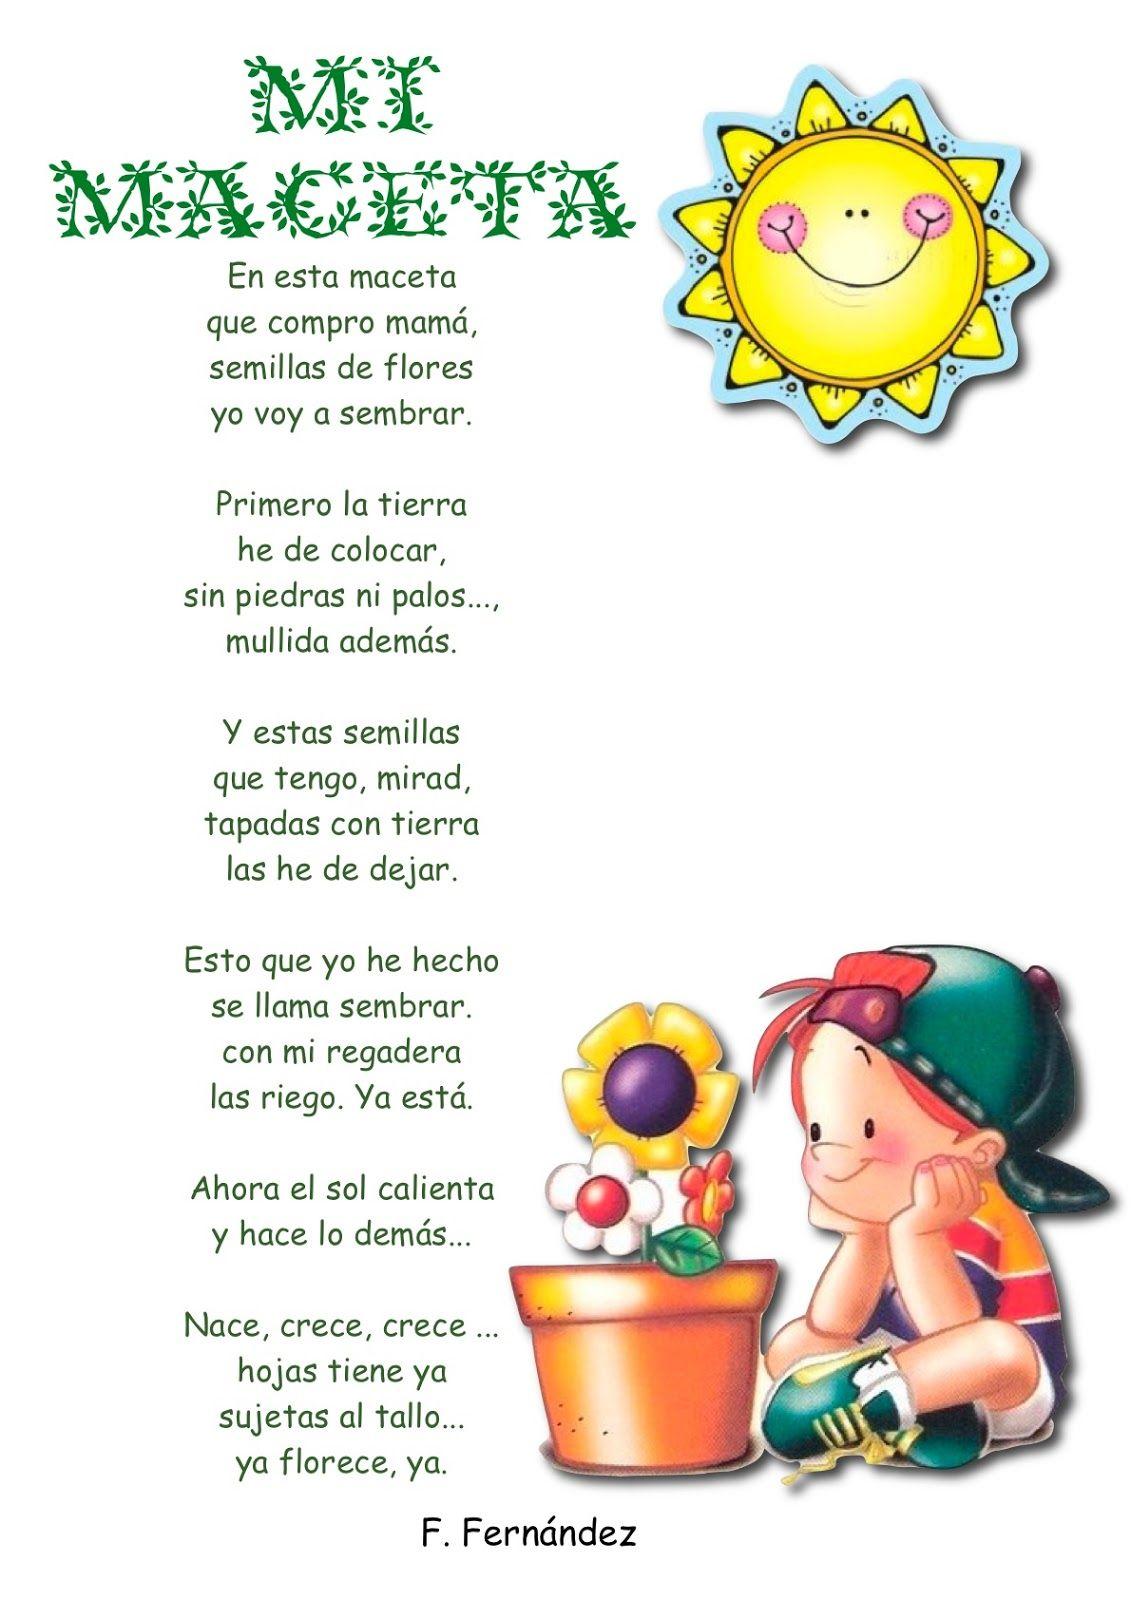 Género Lirico Poemas Publicado Por Criselda Quintero En 7 47 Poesía Para Niños Poemas Infantiles Poemas Para Niños